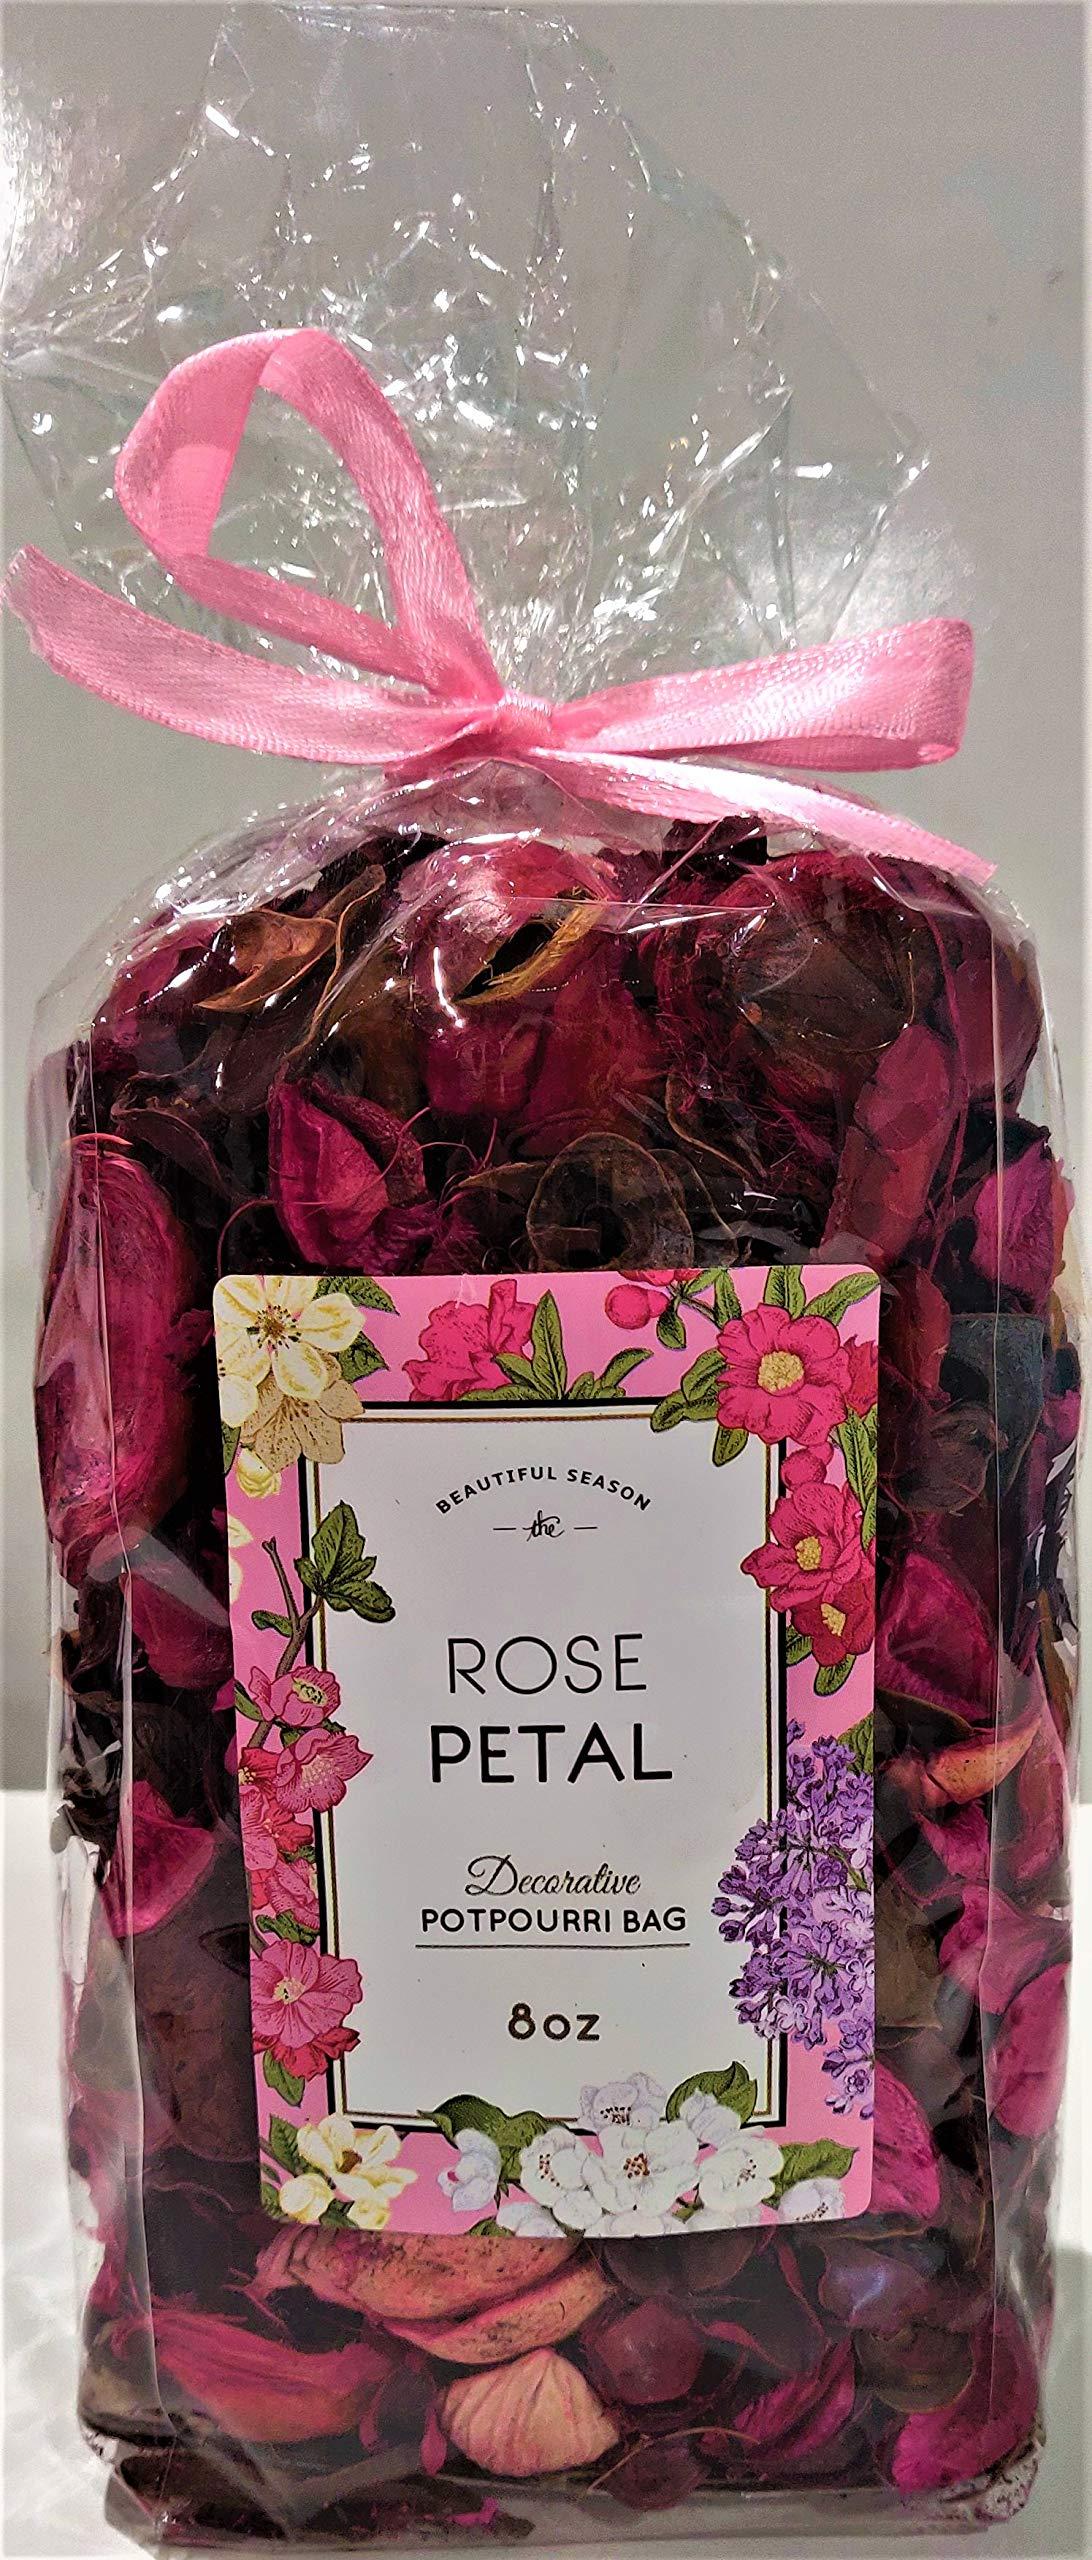 Beautiful Season Decorative Potpourri Bag - 8oz - Rose Petal by Beautiful Season (Image #1)